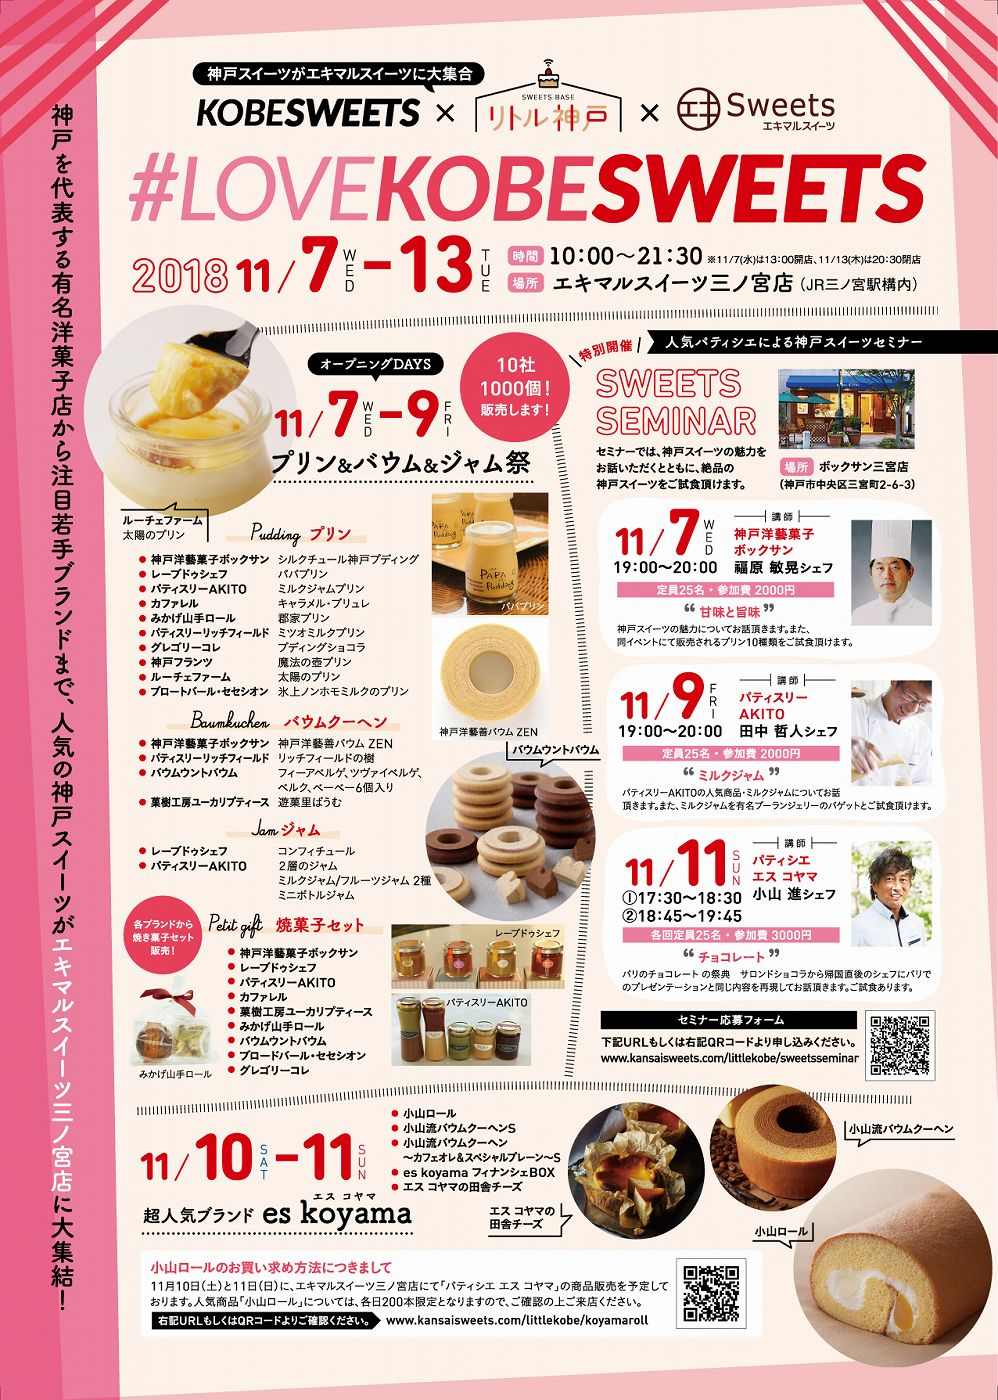 11/7(水)~11/13(火)神戸スイーツが大集合!「LOVE KOBE SWEETS~神戸スイーツをもっと知り尽くそう~」の開催! #神戸スイーツ #エキマルスイーツ  #LOVEKOBESWEETS